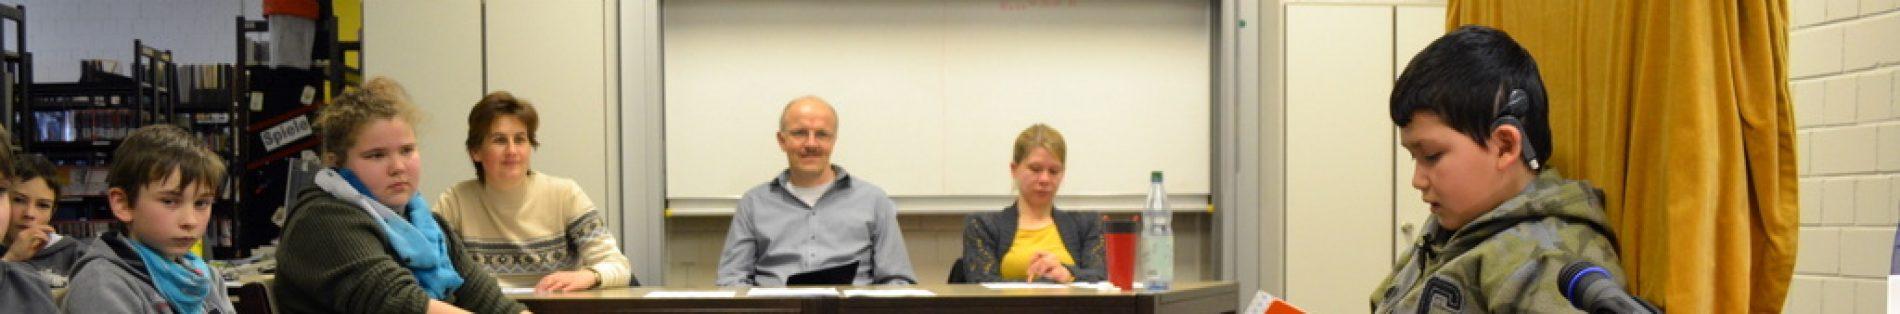 Die Jury lauscht dem Vortrag eines Teilnehmers.